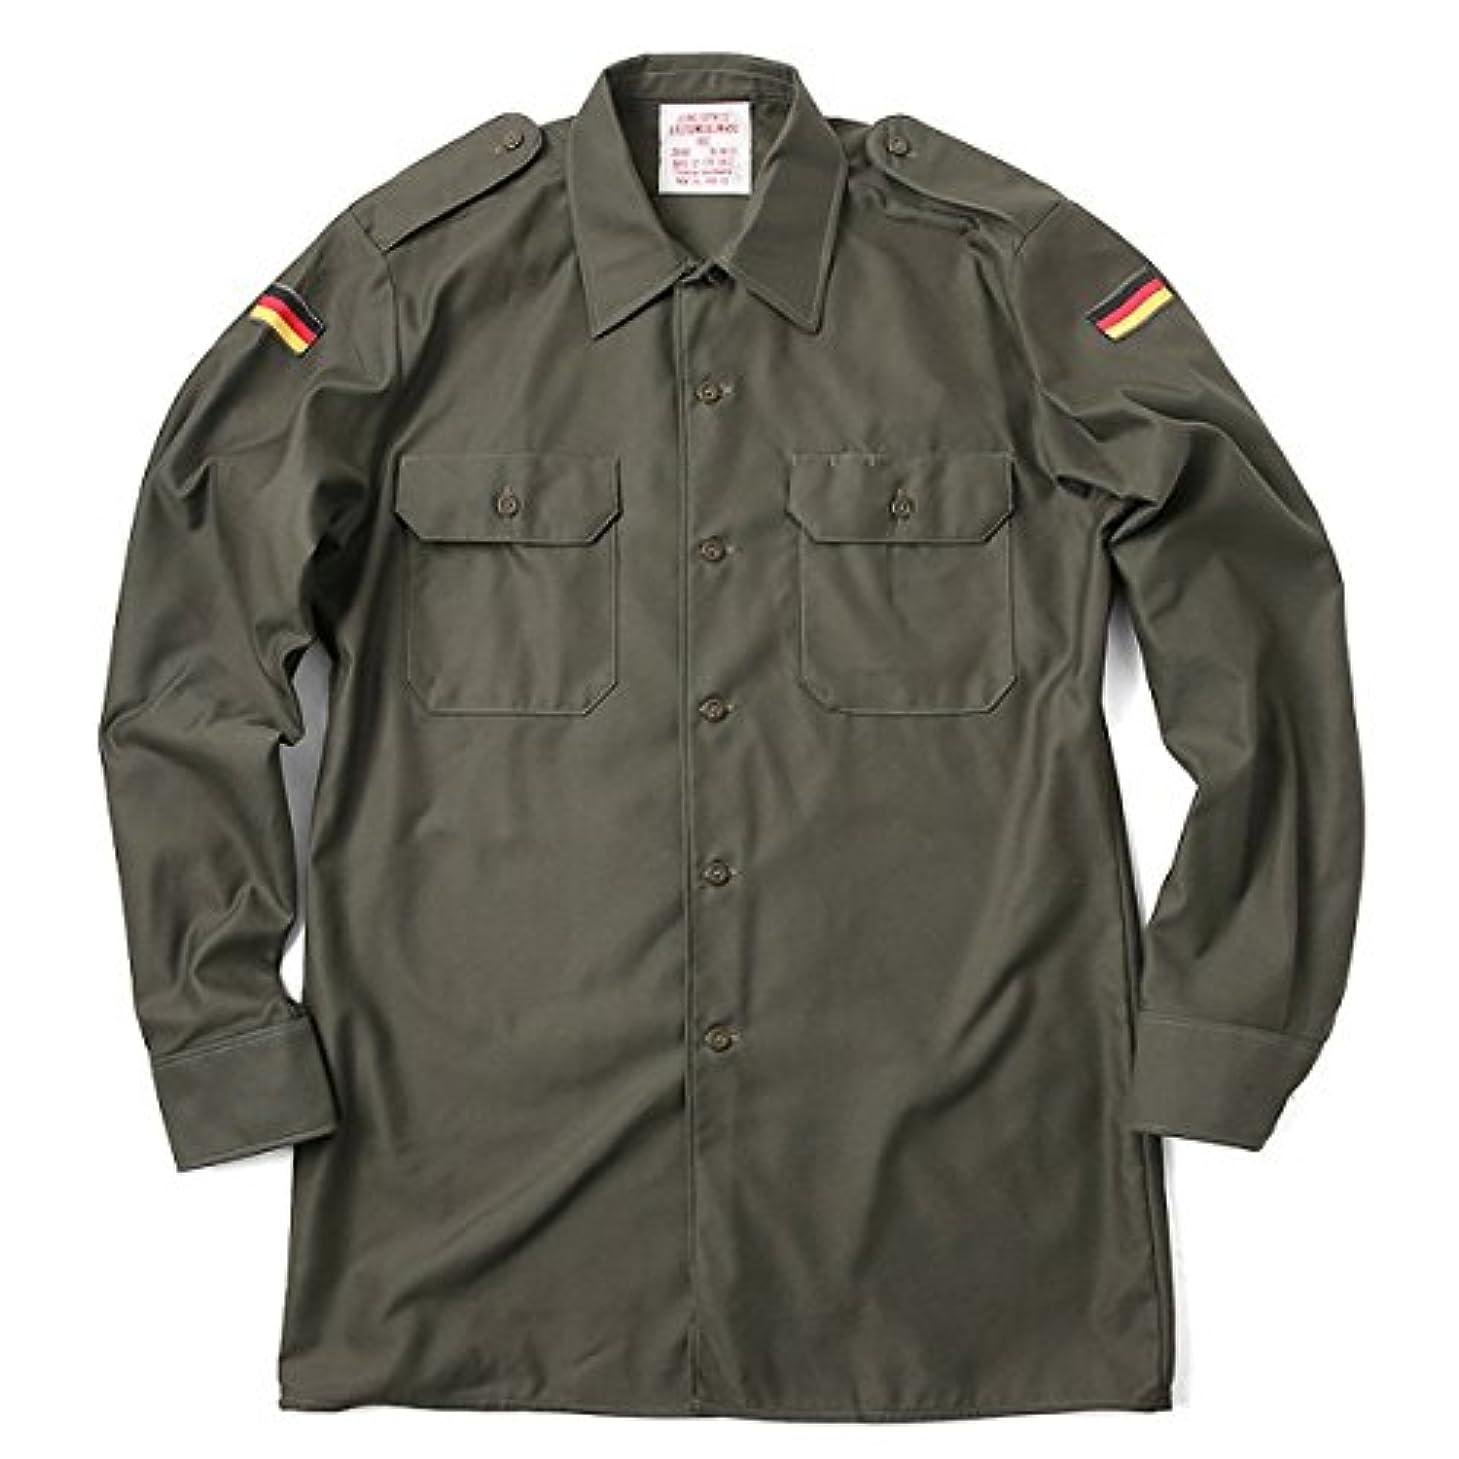 成り立つ信号障害実物 新品 ドイツ軍フィールドシャツ オリーブ(Gr3 オリーブ)